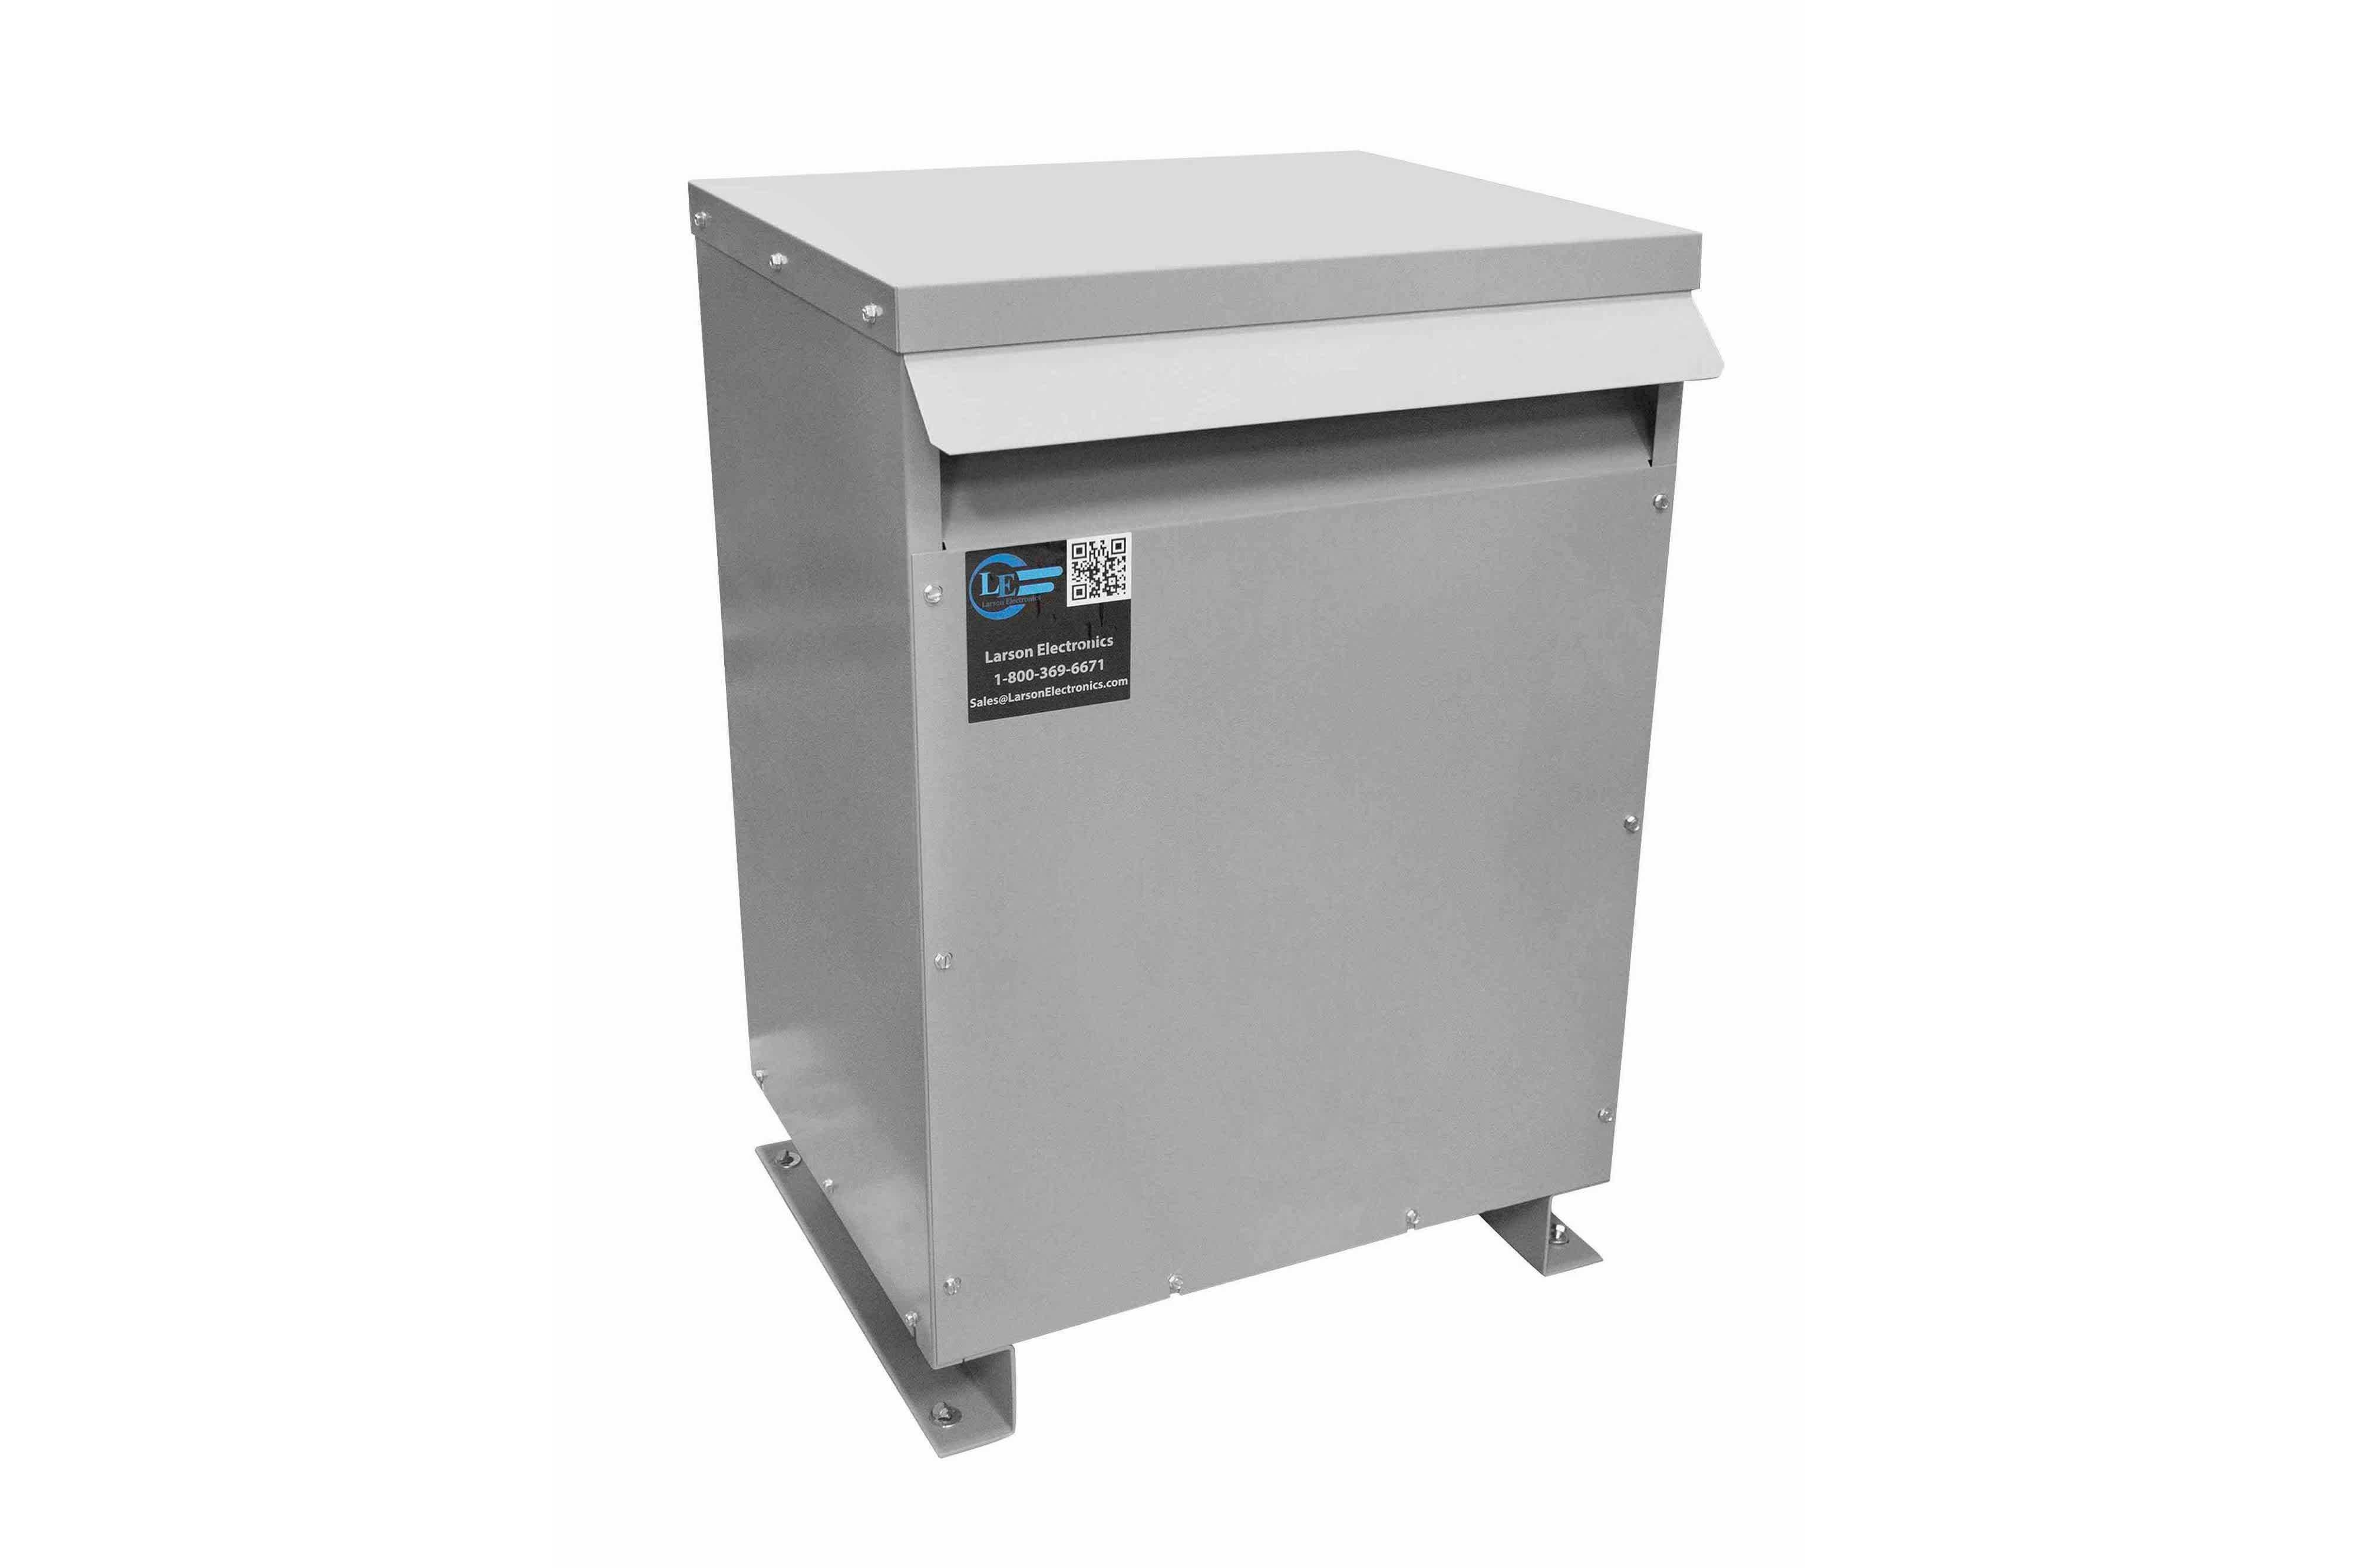 900 kVA 3PH Isolation Transformer, 600V Delta Primary, 460V Delta Secondary, N3R, Ventilated, 60 Hz